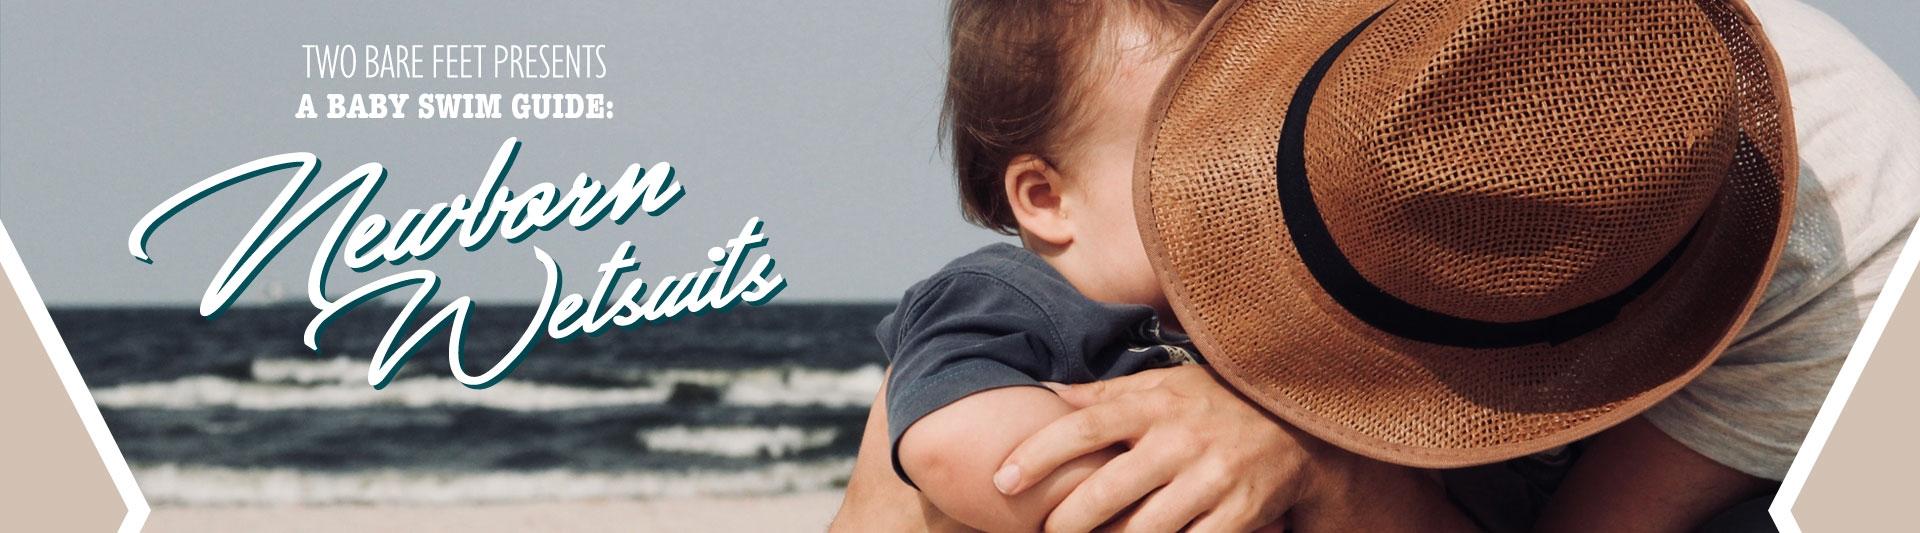 newborn baby wetsuit banner